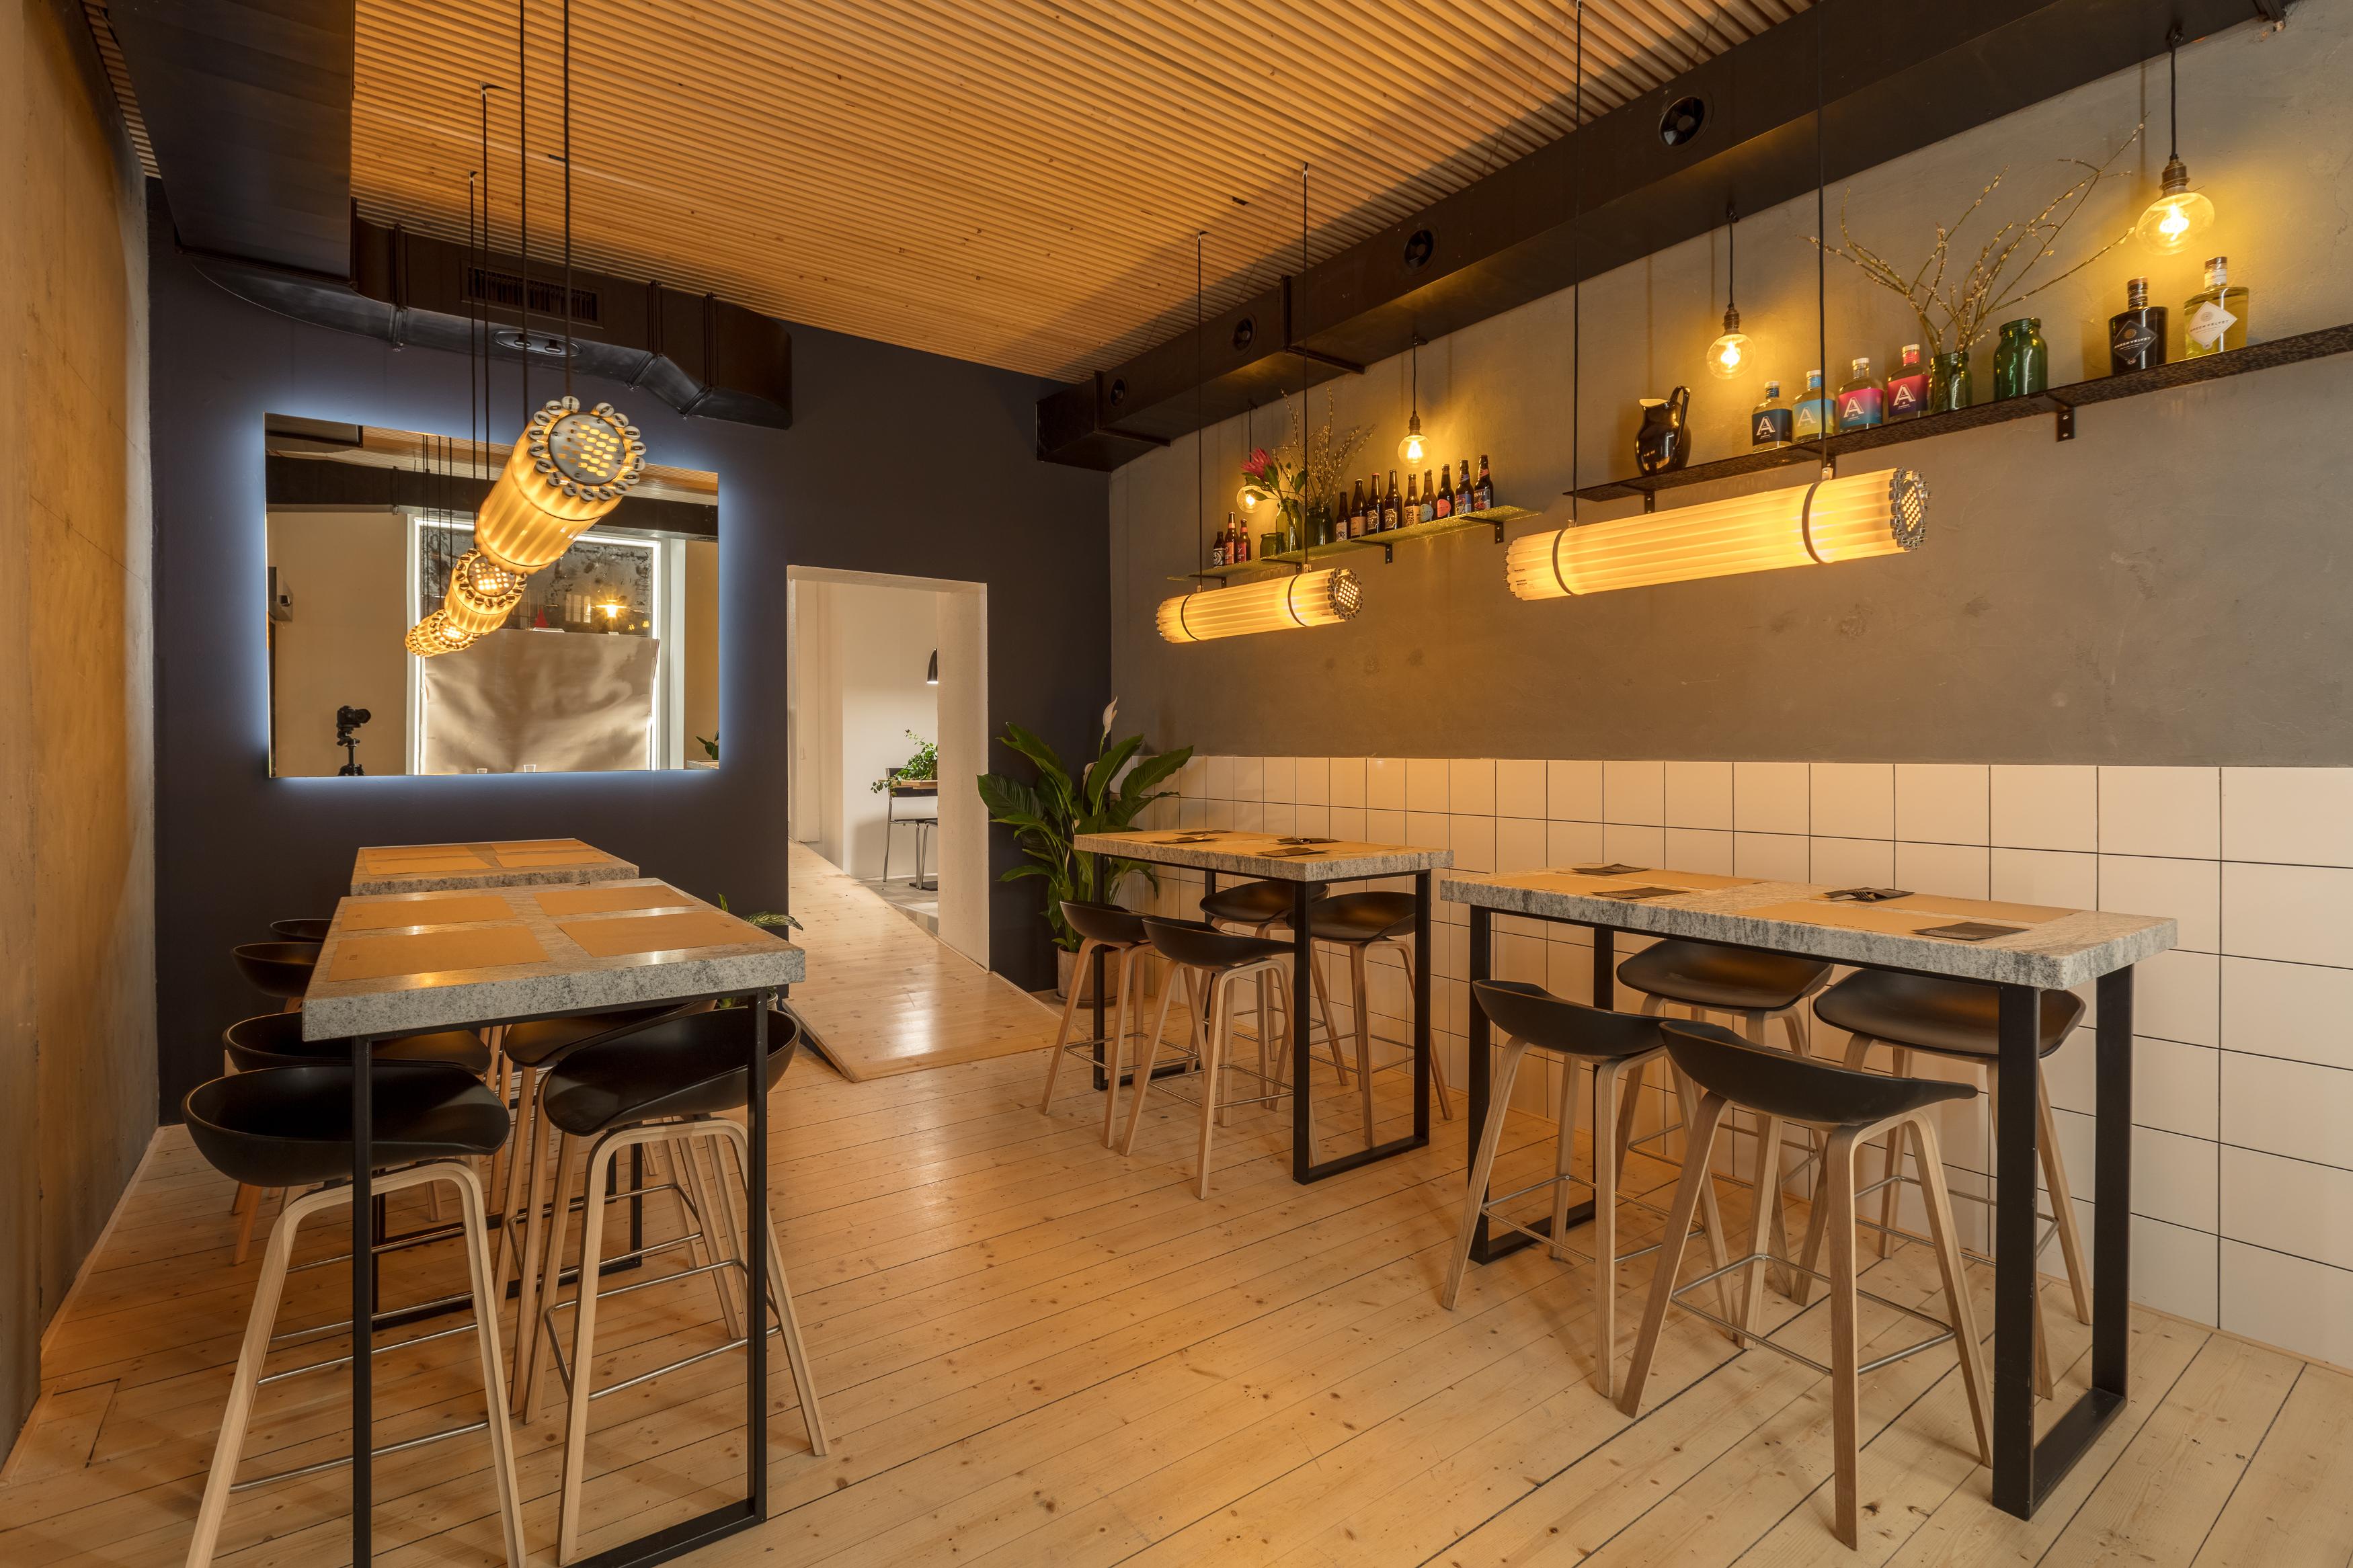 WOLF Burger & Steak Bar in Luzern - Ausgezeichnete Restaurants, Bars ...